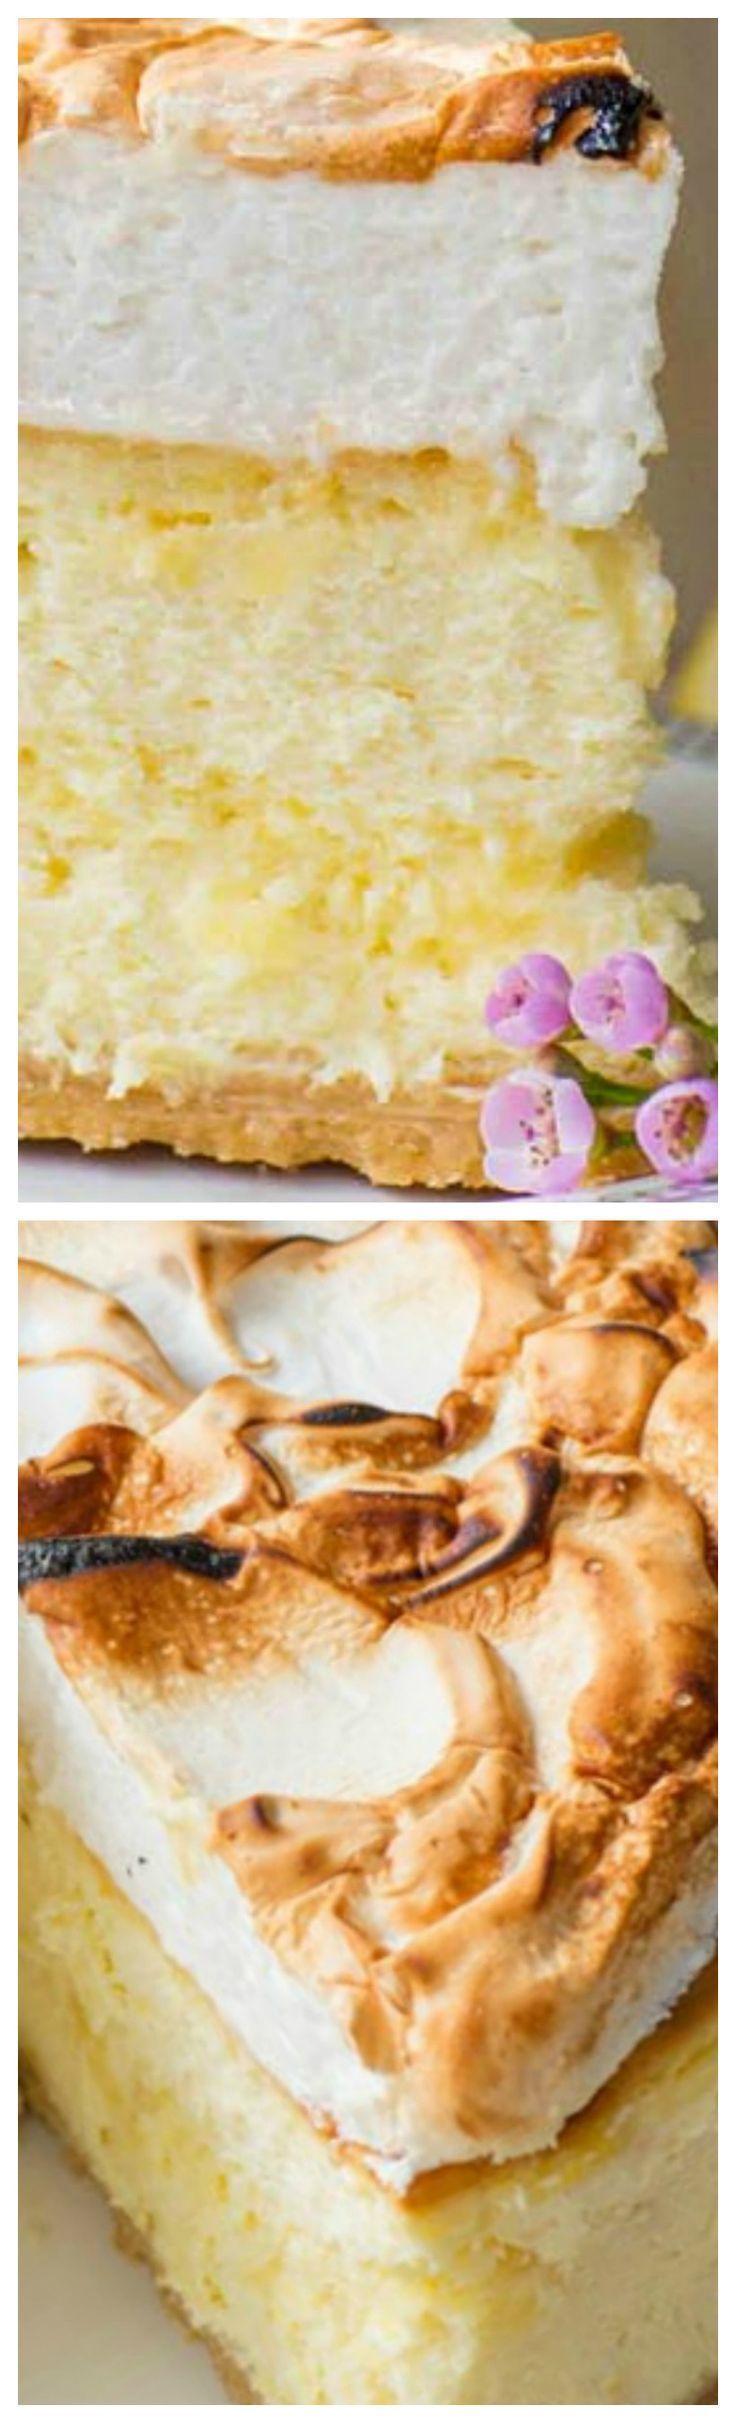 Triple Lemon Meringue Cheesecake (video) - #cheesecake #Lemon #meringué #triple #vidéo #lemonmeringuecheesecake Triple Lemon Meringue Cheesecake (video) - #cheesecake #Lemon #meringué #triple #vidéo #lemonmeringuecheesecake Triple Lemon Meringue Cheesecake (video) - #cheesecake #Lemon #meringué #triple #vidéo #lemonmeringuecheesecake Triple Lemon Meringue Cheesecake (video) - #cheesecake #Lemon #meringué #triple #vidéo #lemonmeringuecheesecake Triple Lemon Meringue Cheesecake (video) - # #lemonmeringuecheesecake